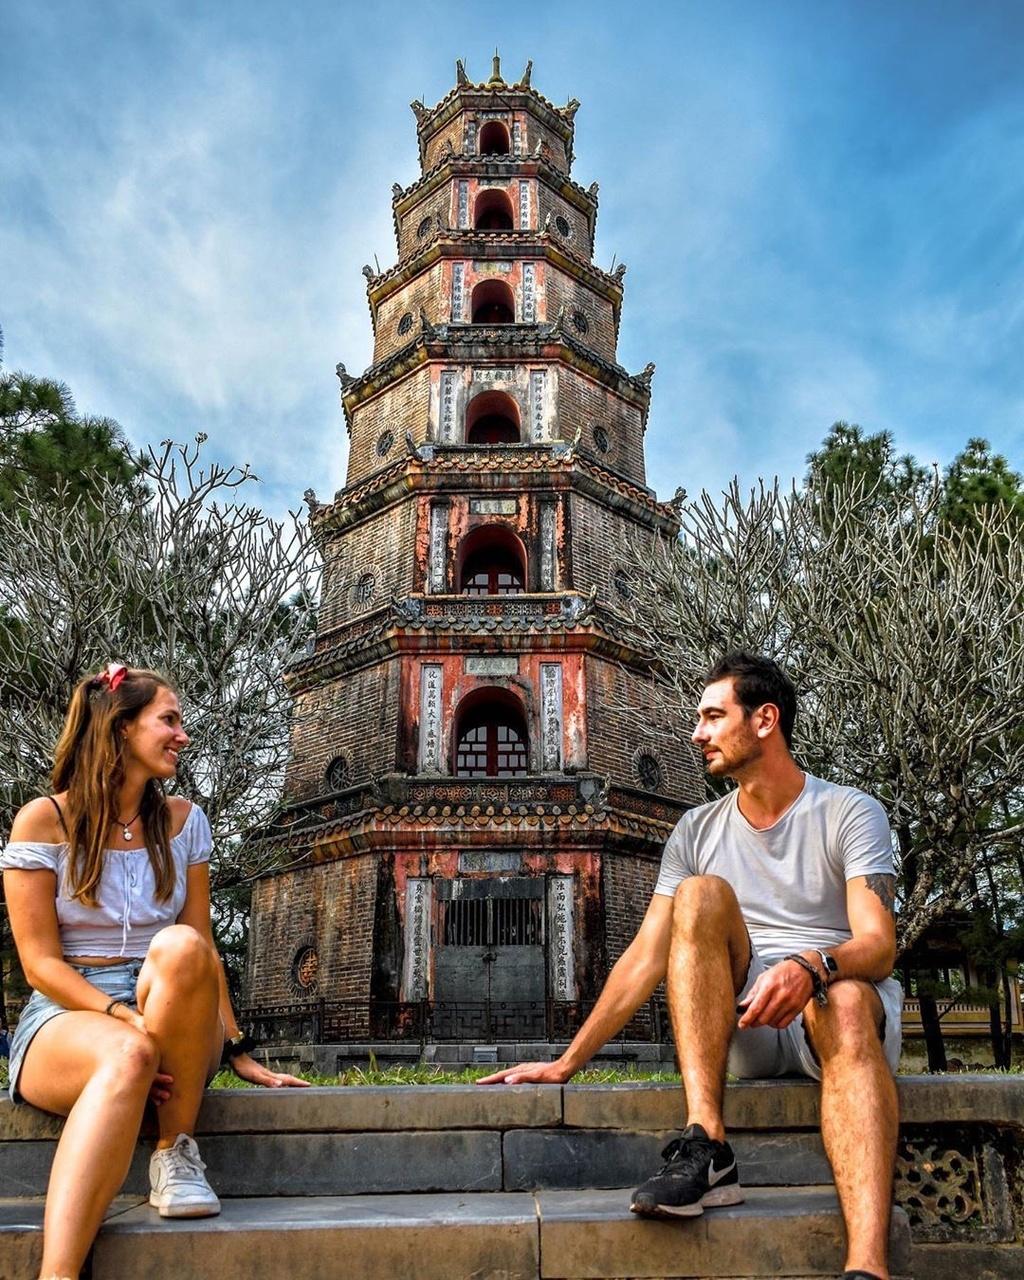 4 ngoi chua noi tieng, hut du khach check-in tai Viet Nam hinh anh 12 IMG_3549.JPG